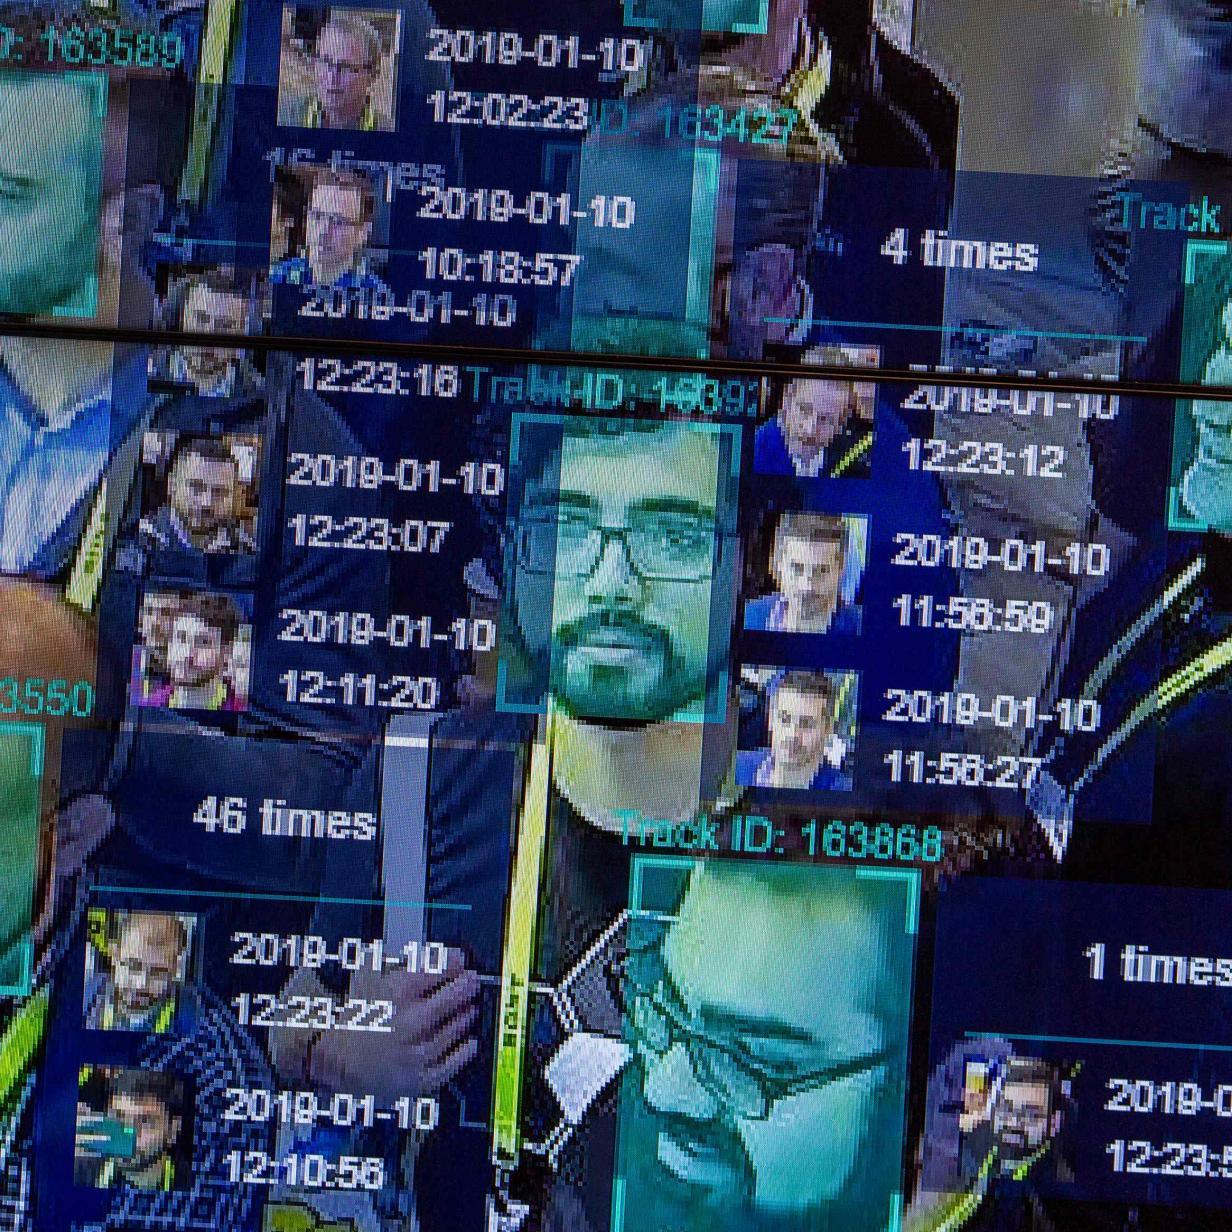 Gesichtserkennung: NEOS warnen vor drohendem Überwachungsstaat